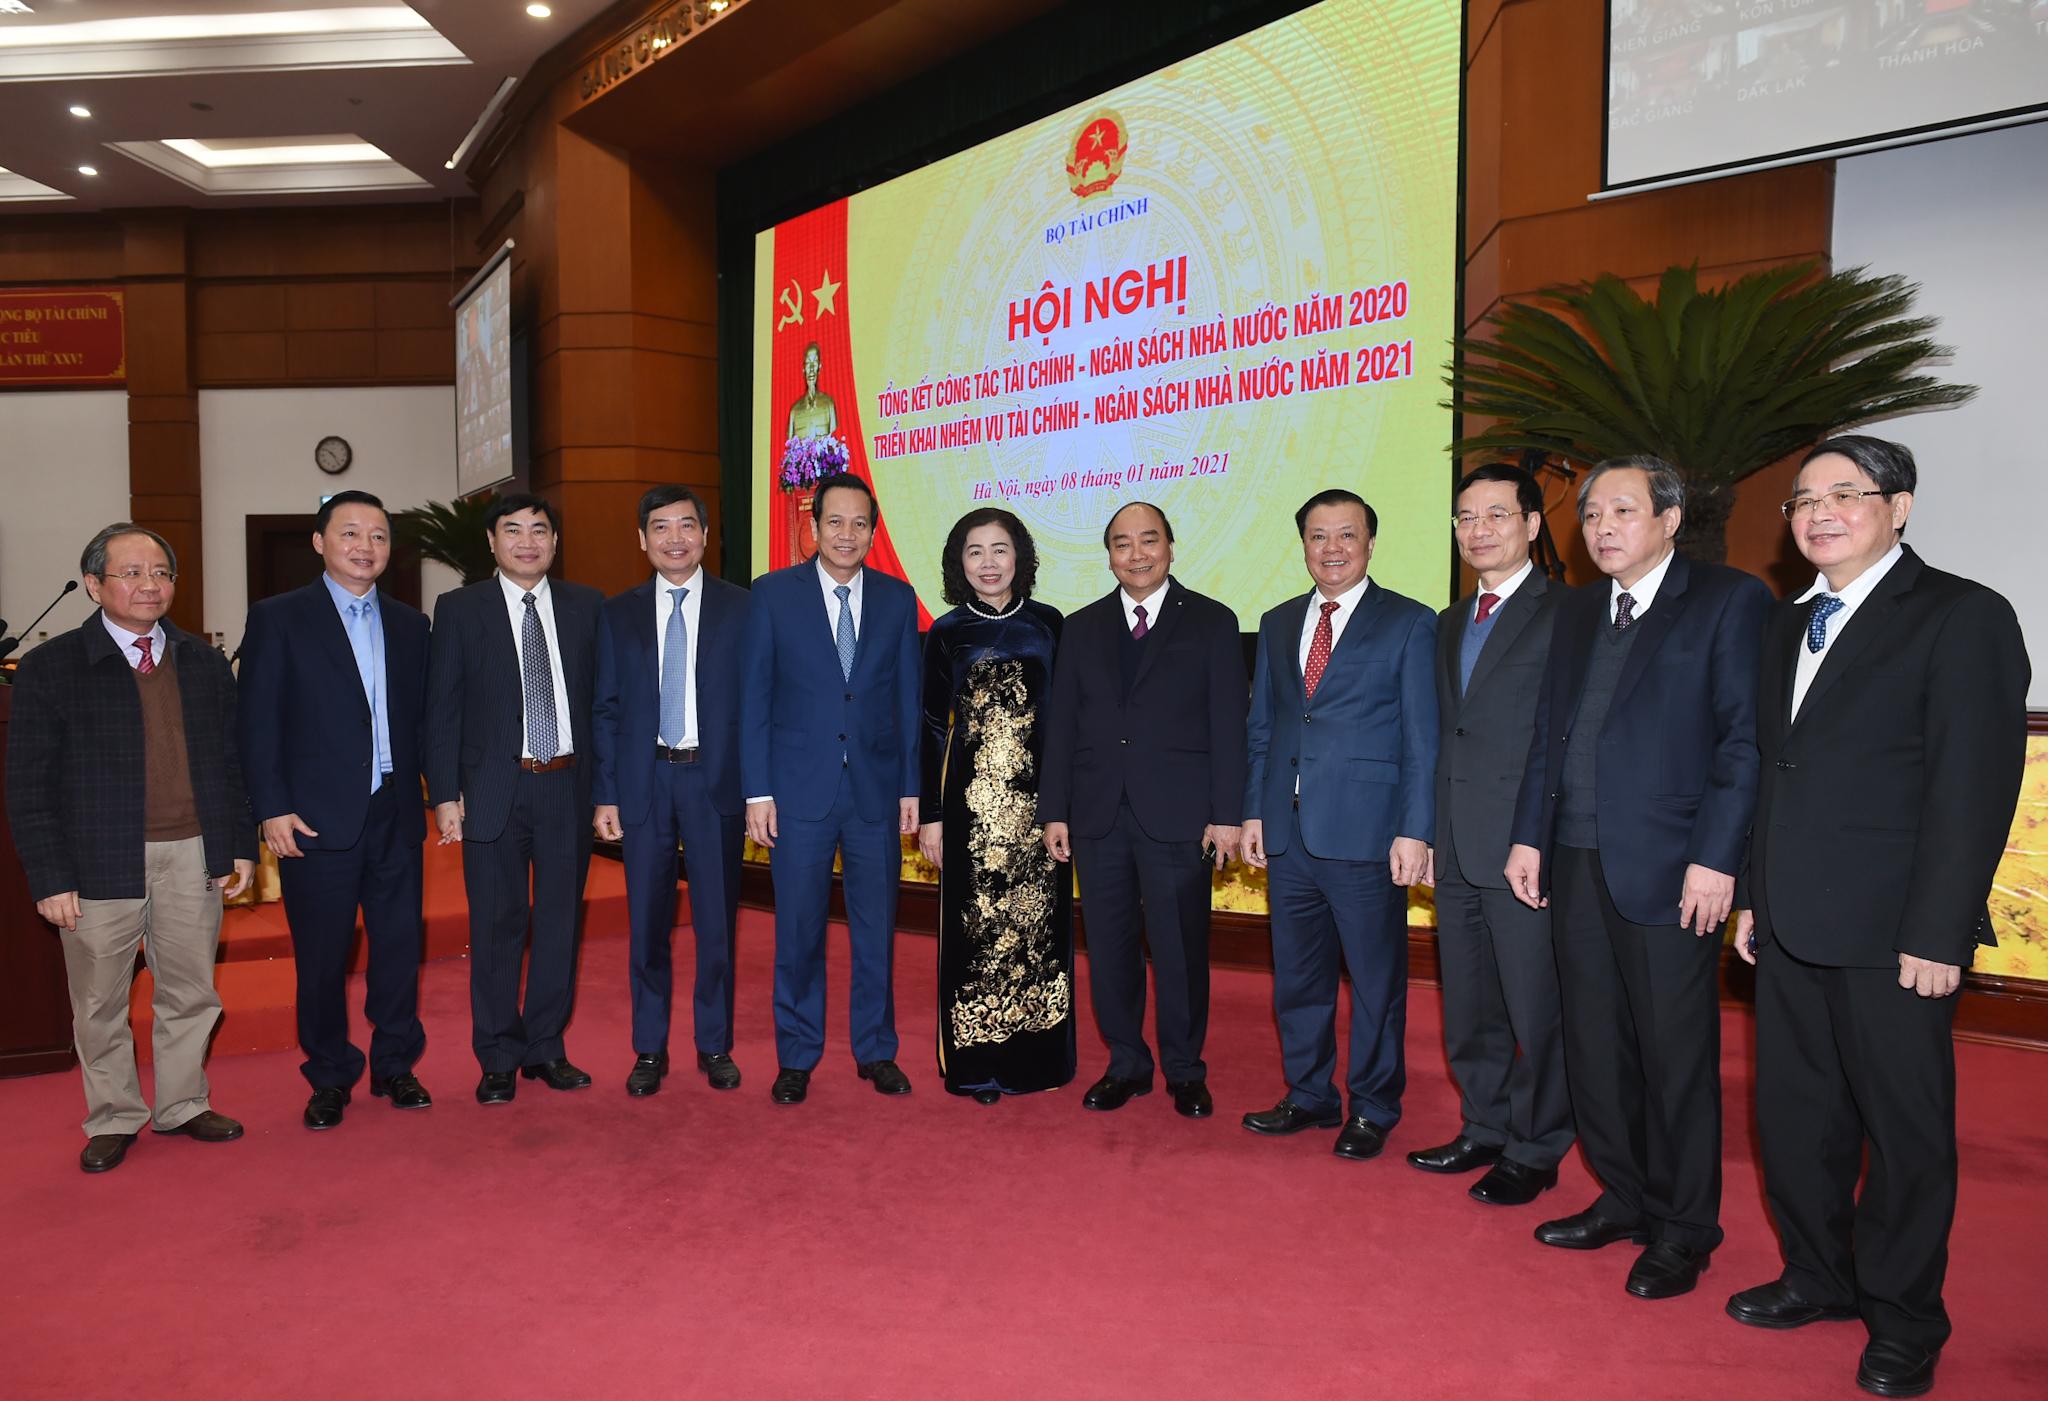 Thủ tướng Nguyễn Xuân Phúc đến dự Hội nghị triển khai nhiệm vụ năm 2021 ngành tài chính. Ảnh: VGP/Quang Hiếu